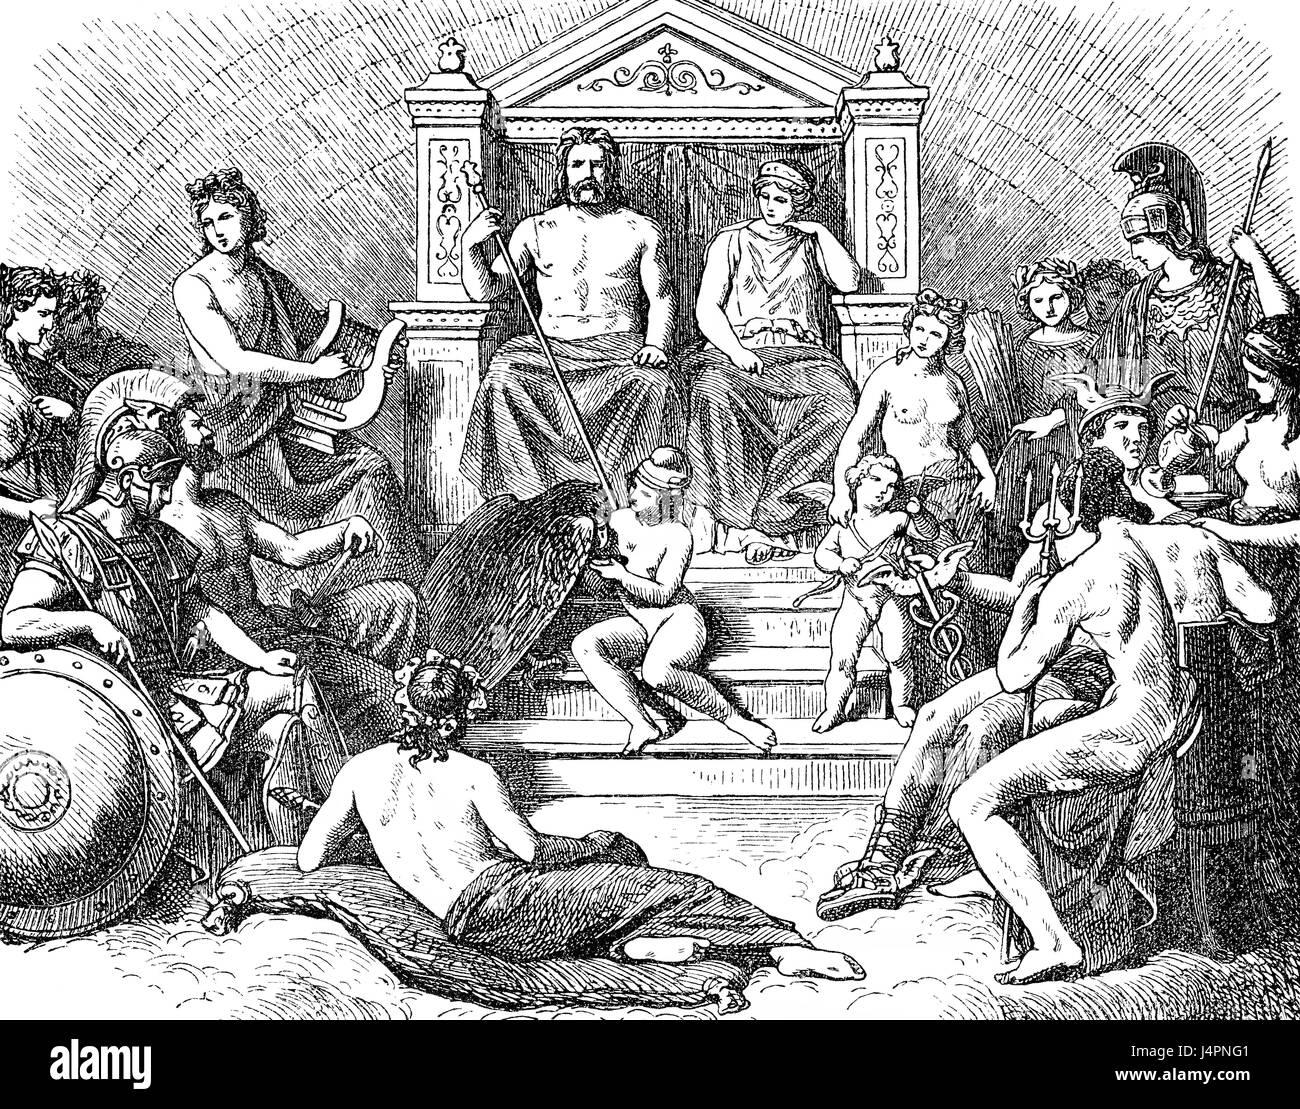 Los dioses olímpicos, antigua religión griega Imagen De Stock